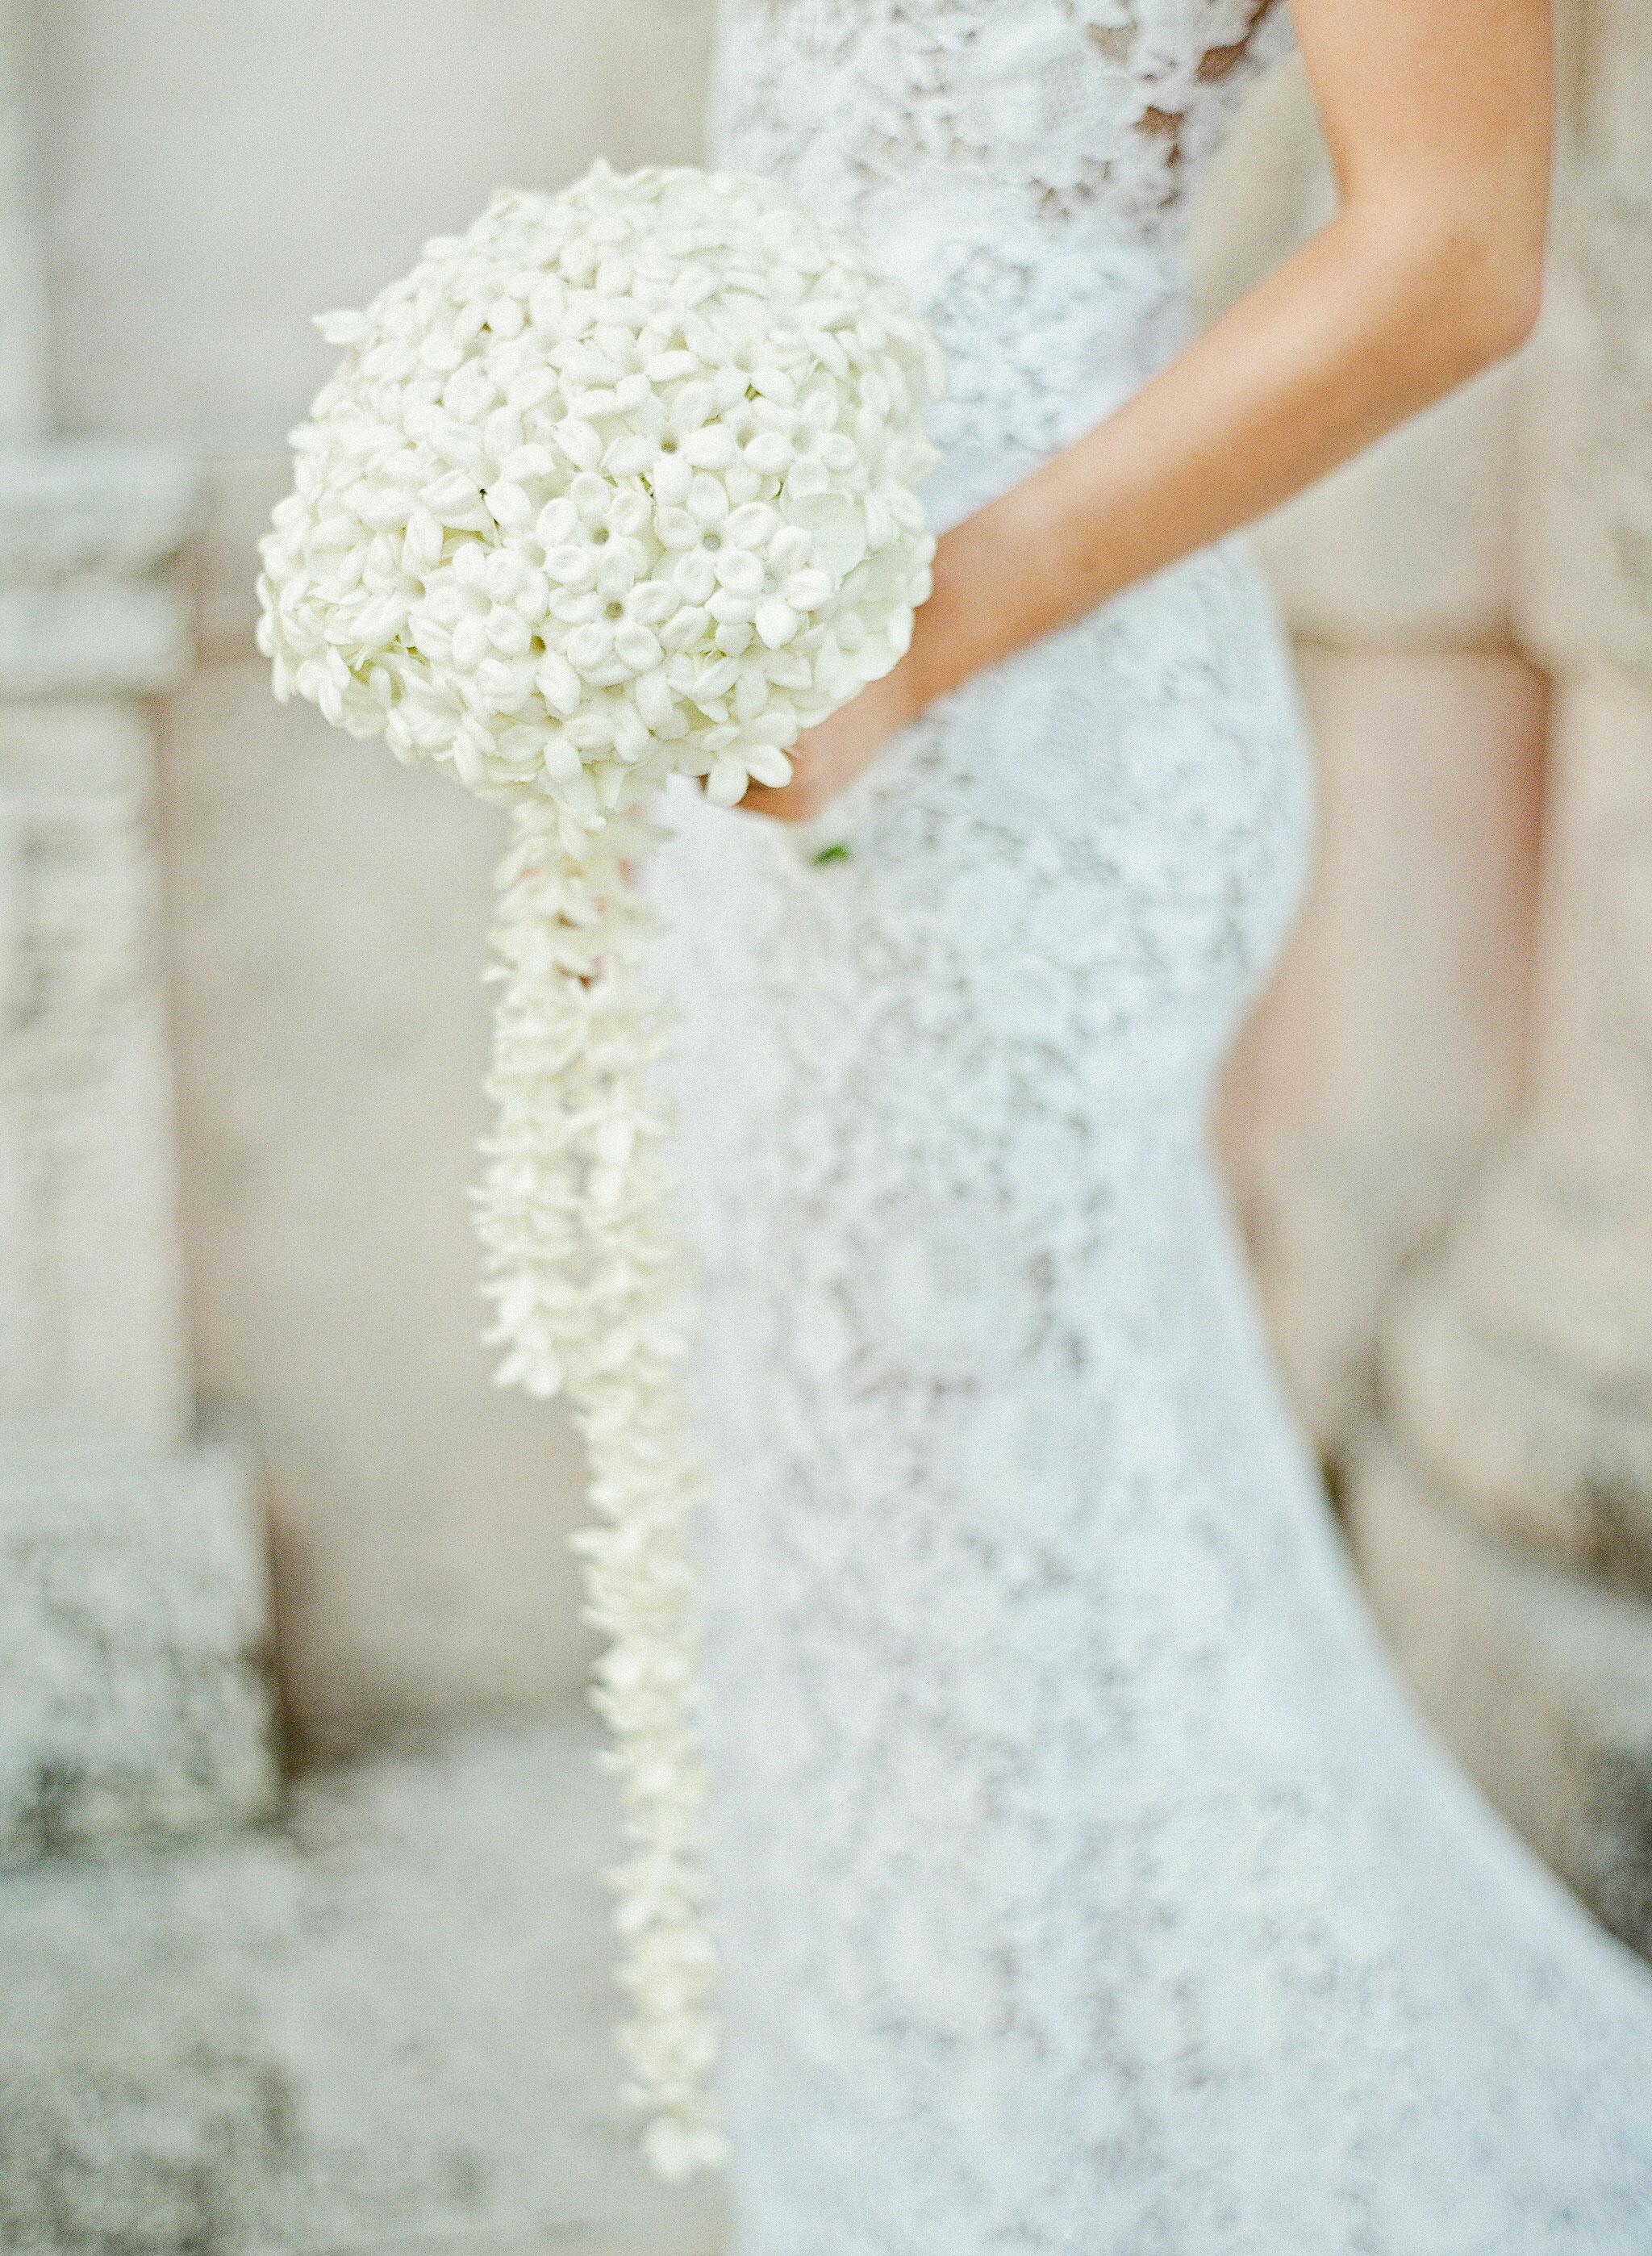 natalie jamey wedding bouquet